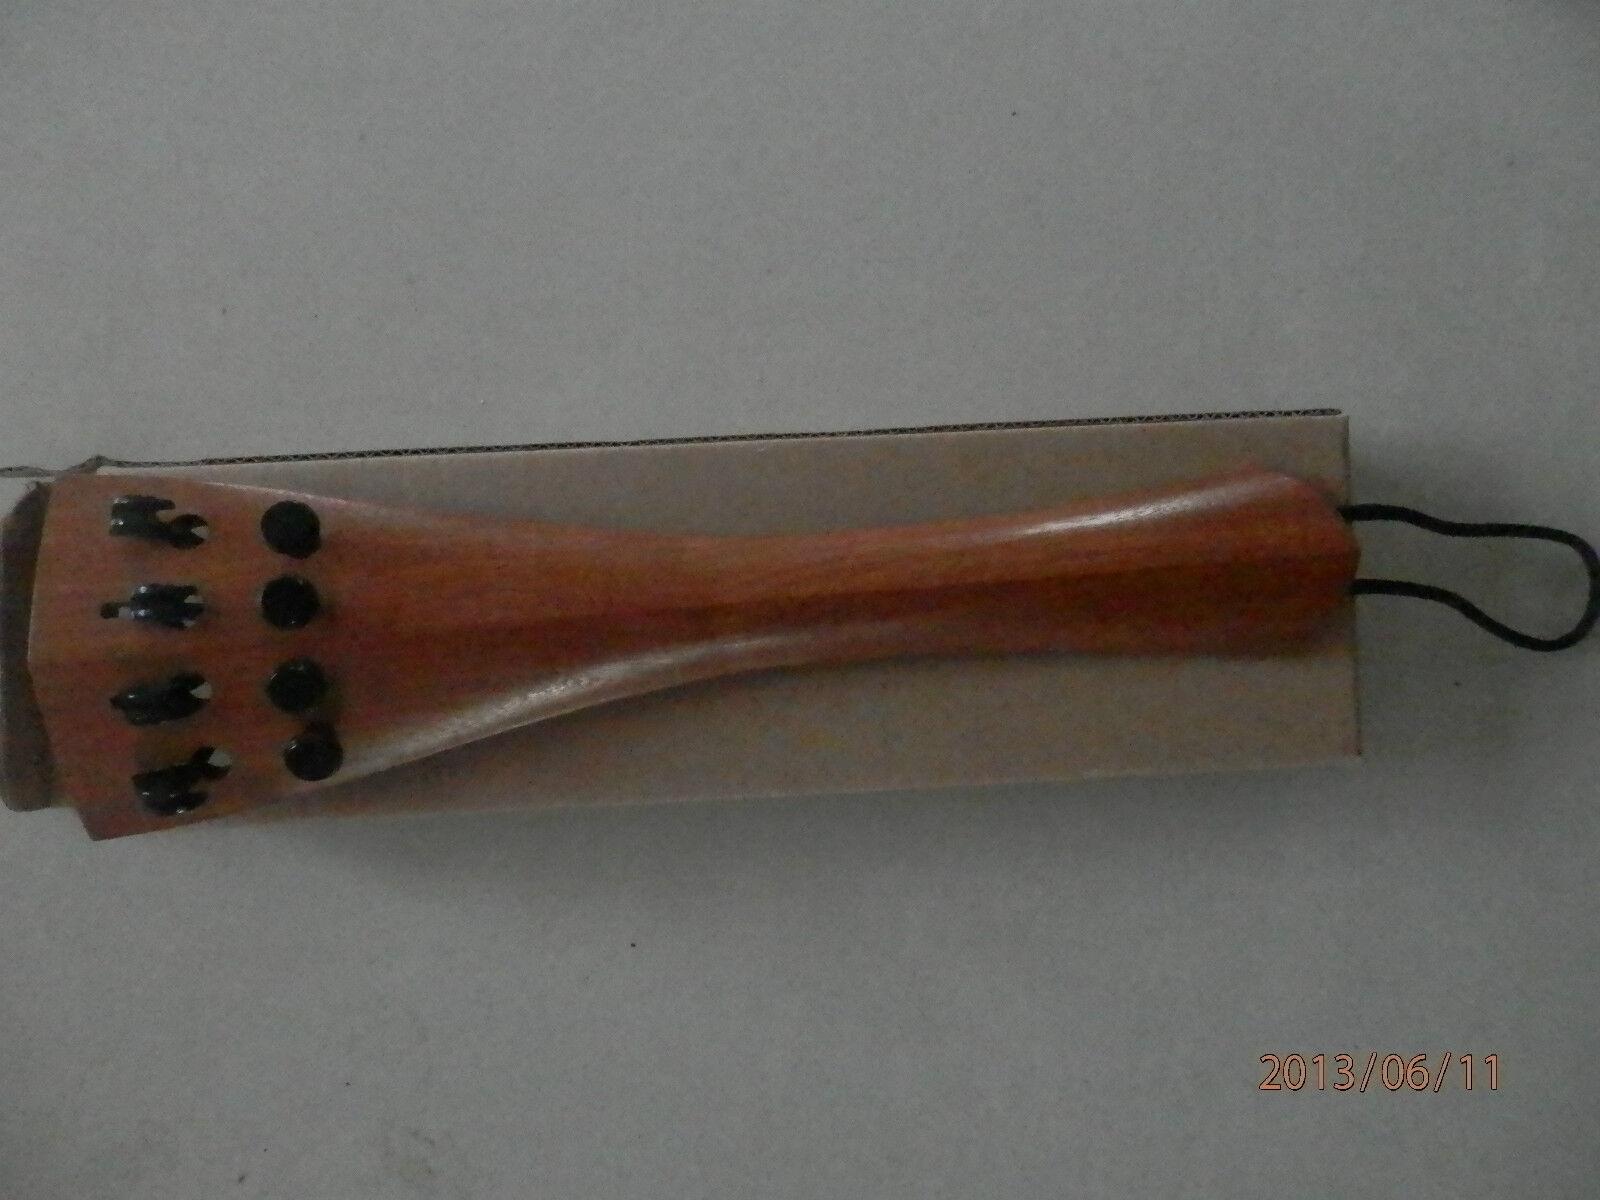 Bester Pernambuco Cello Tailplatte 4 4 Größe mit Größengurt